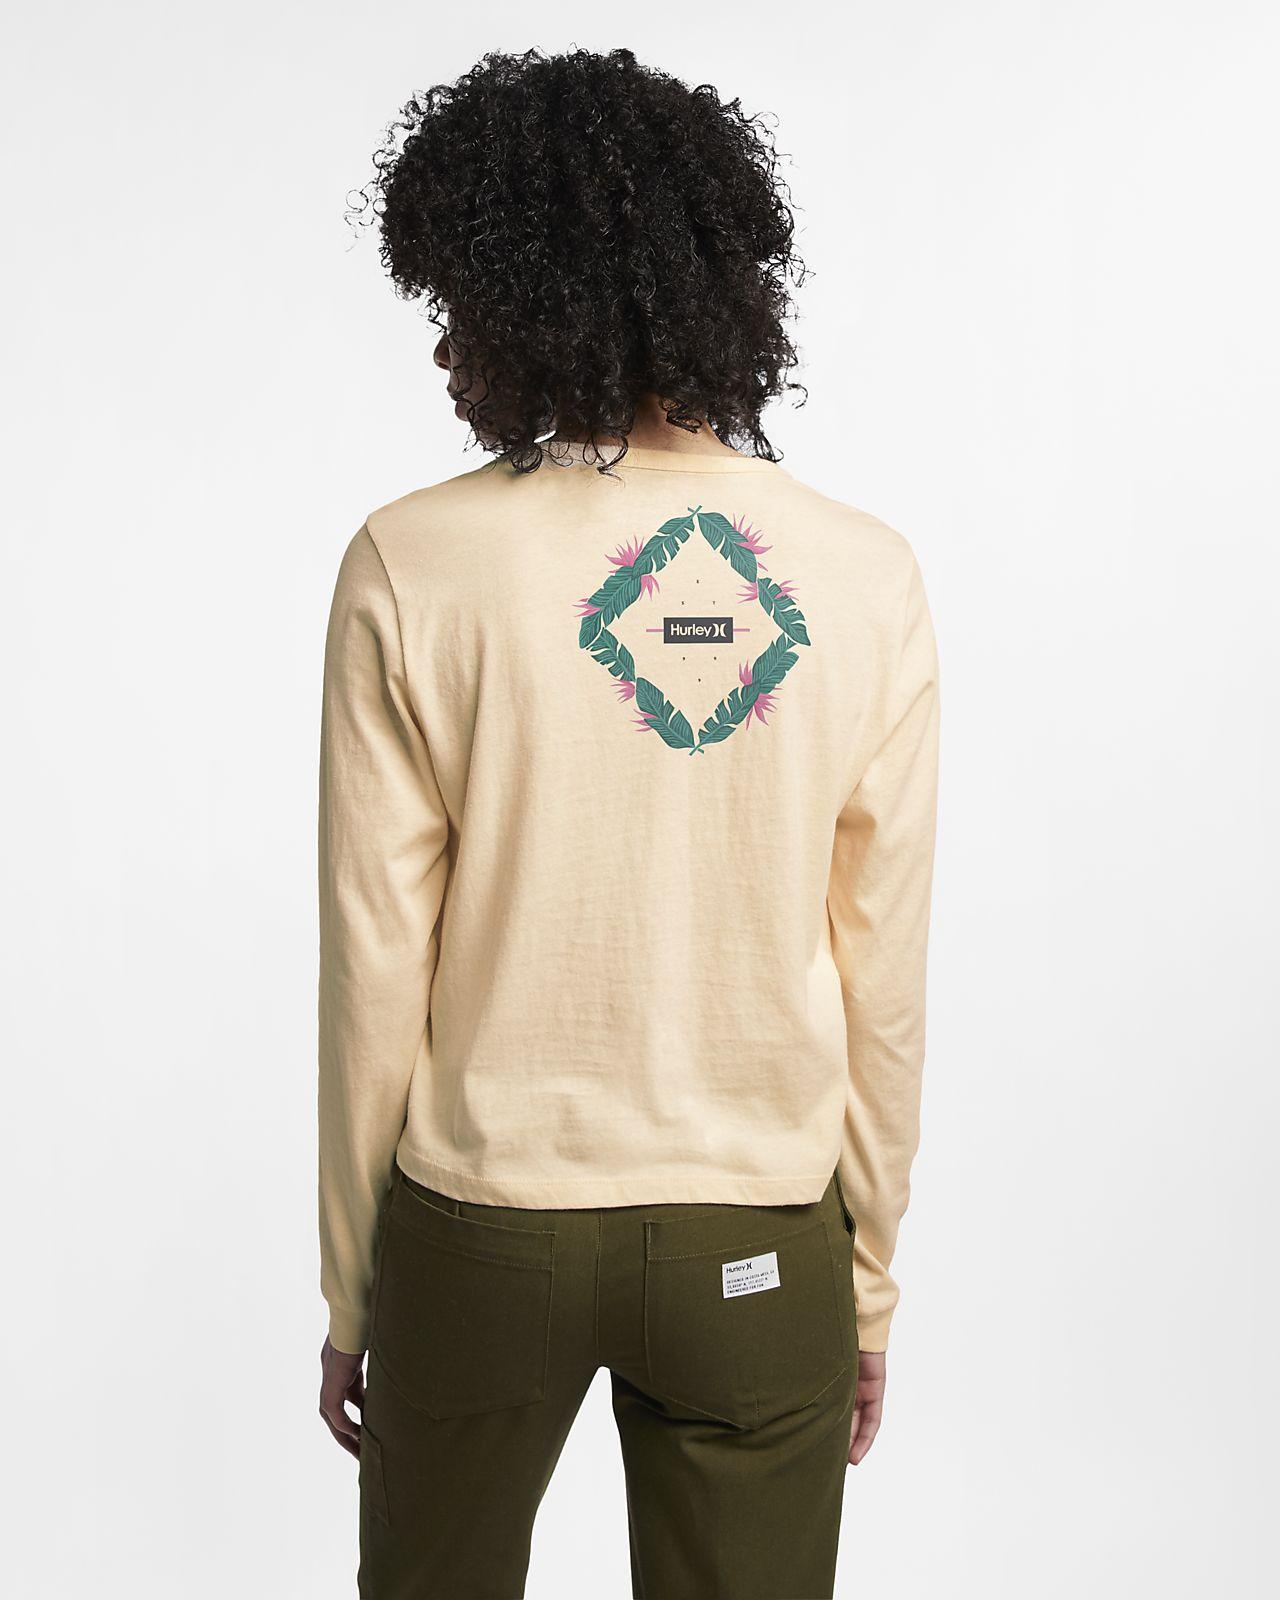 Camisola de manga comprida Hurley Diamond Blossom Perfect para mulher